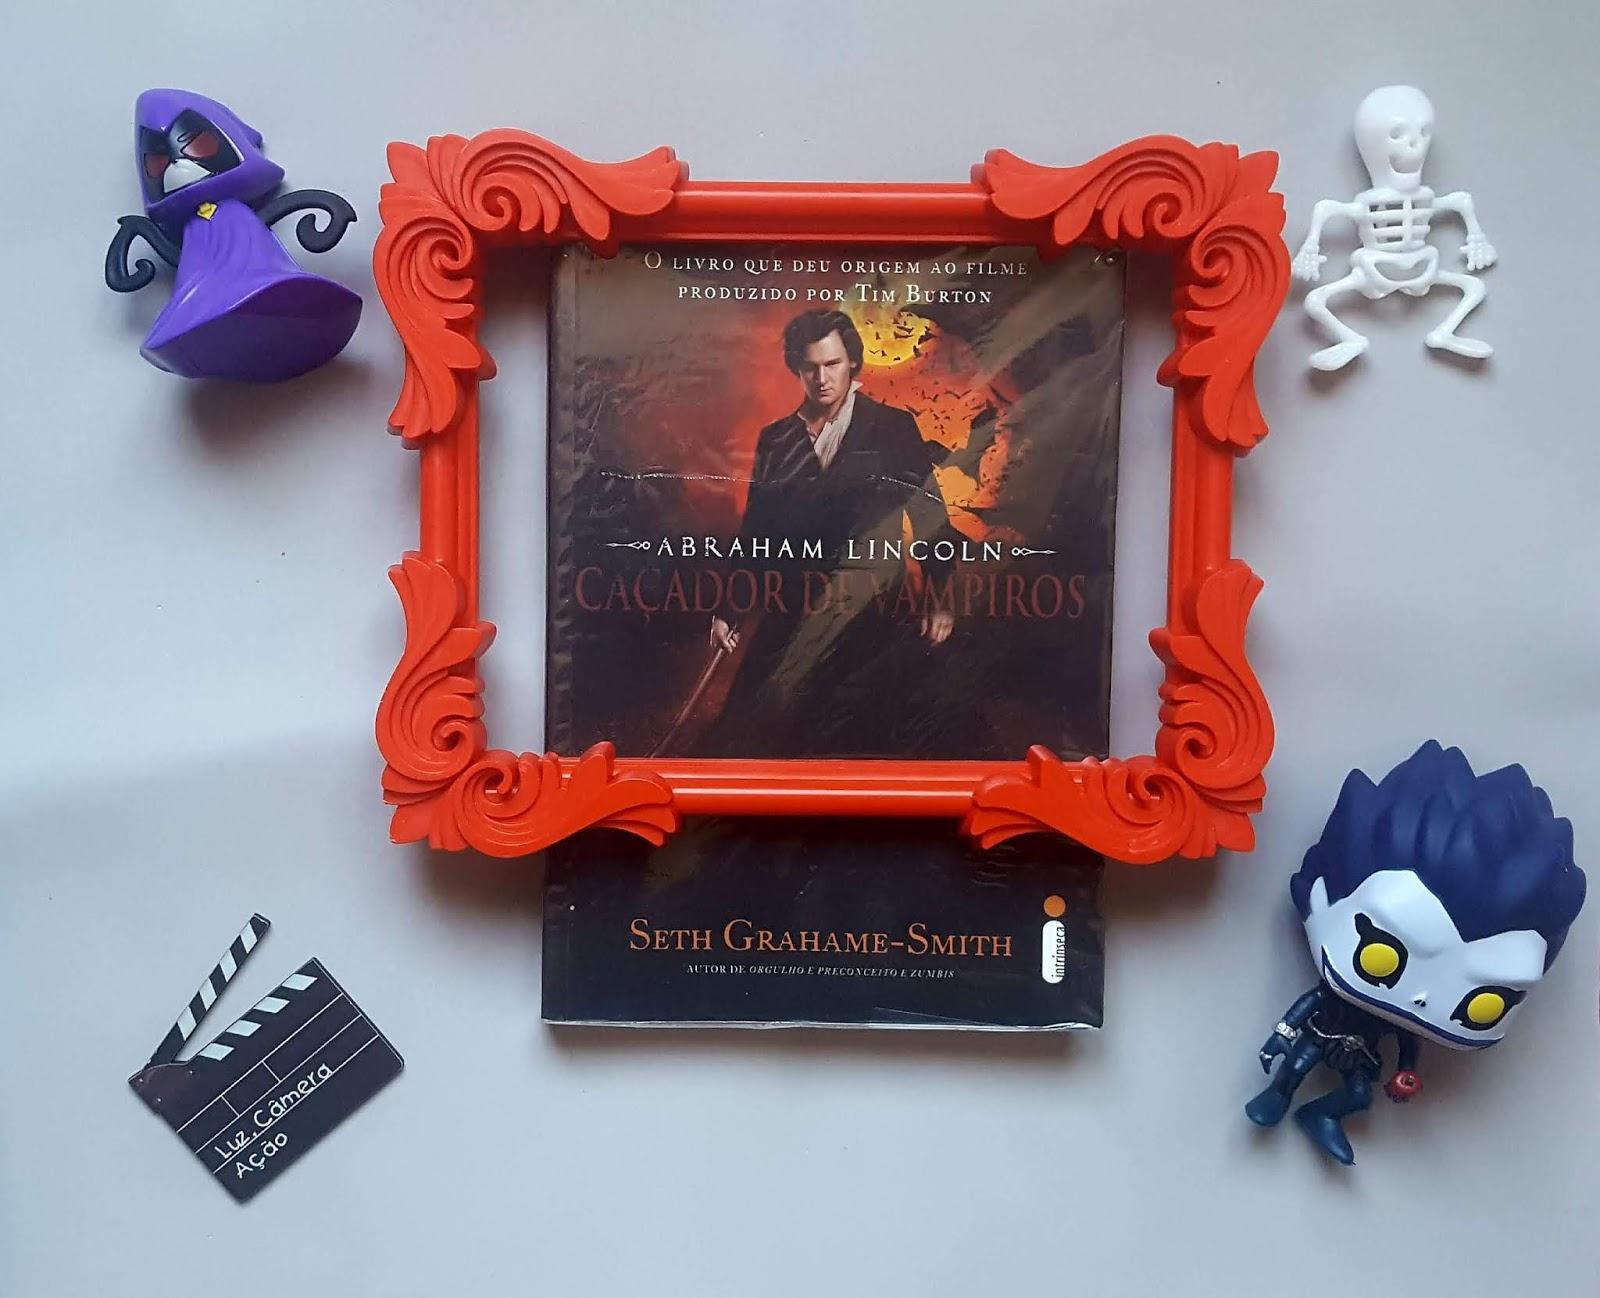 Abraham Lincoln - Caçador de vampiros